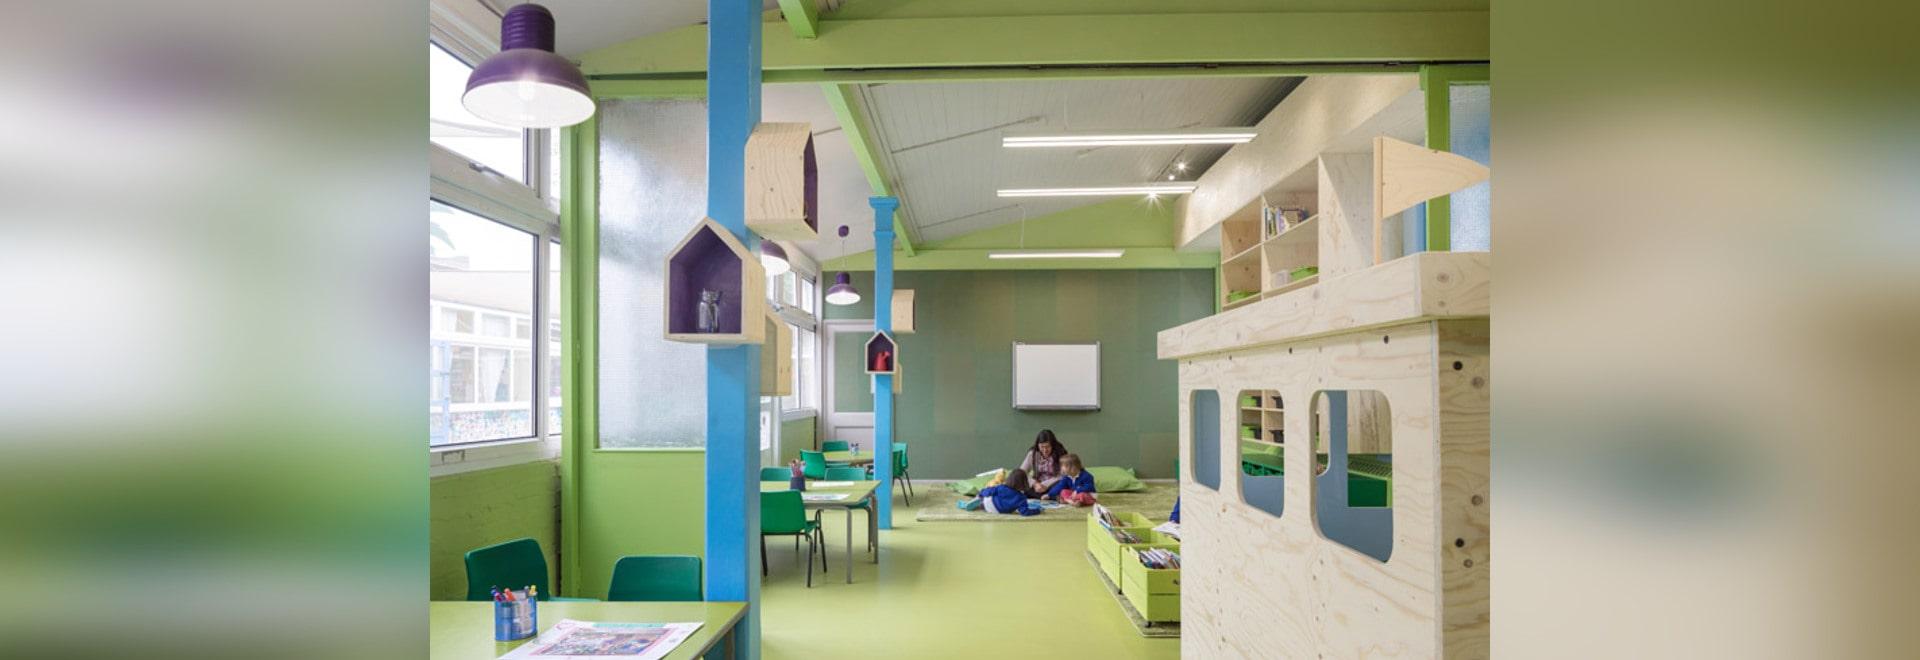 La arquitectura aberrante agrega colores vivos y mobiliario juguetón a una escuela del este de Londres